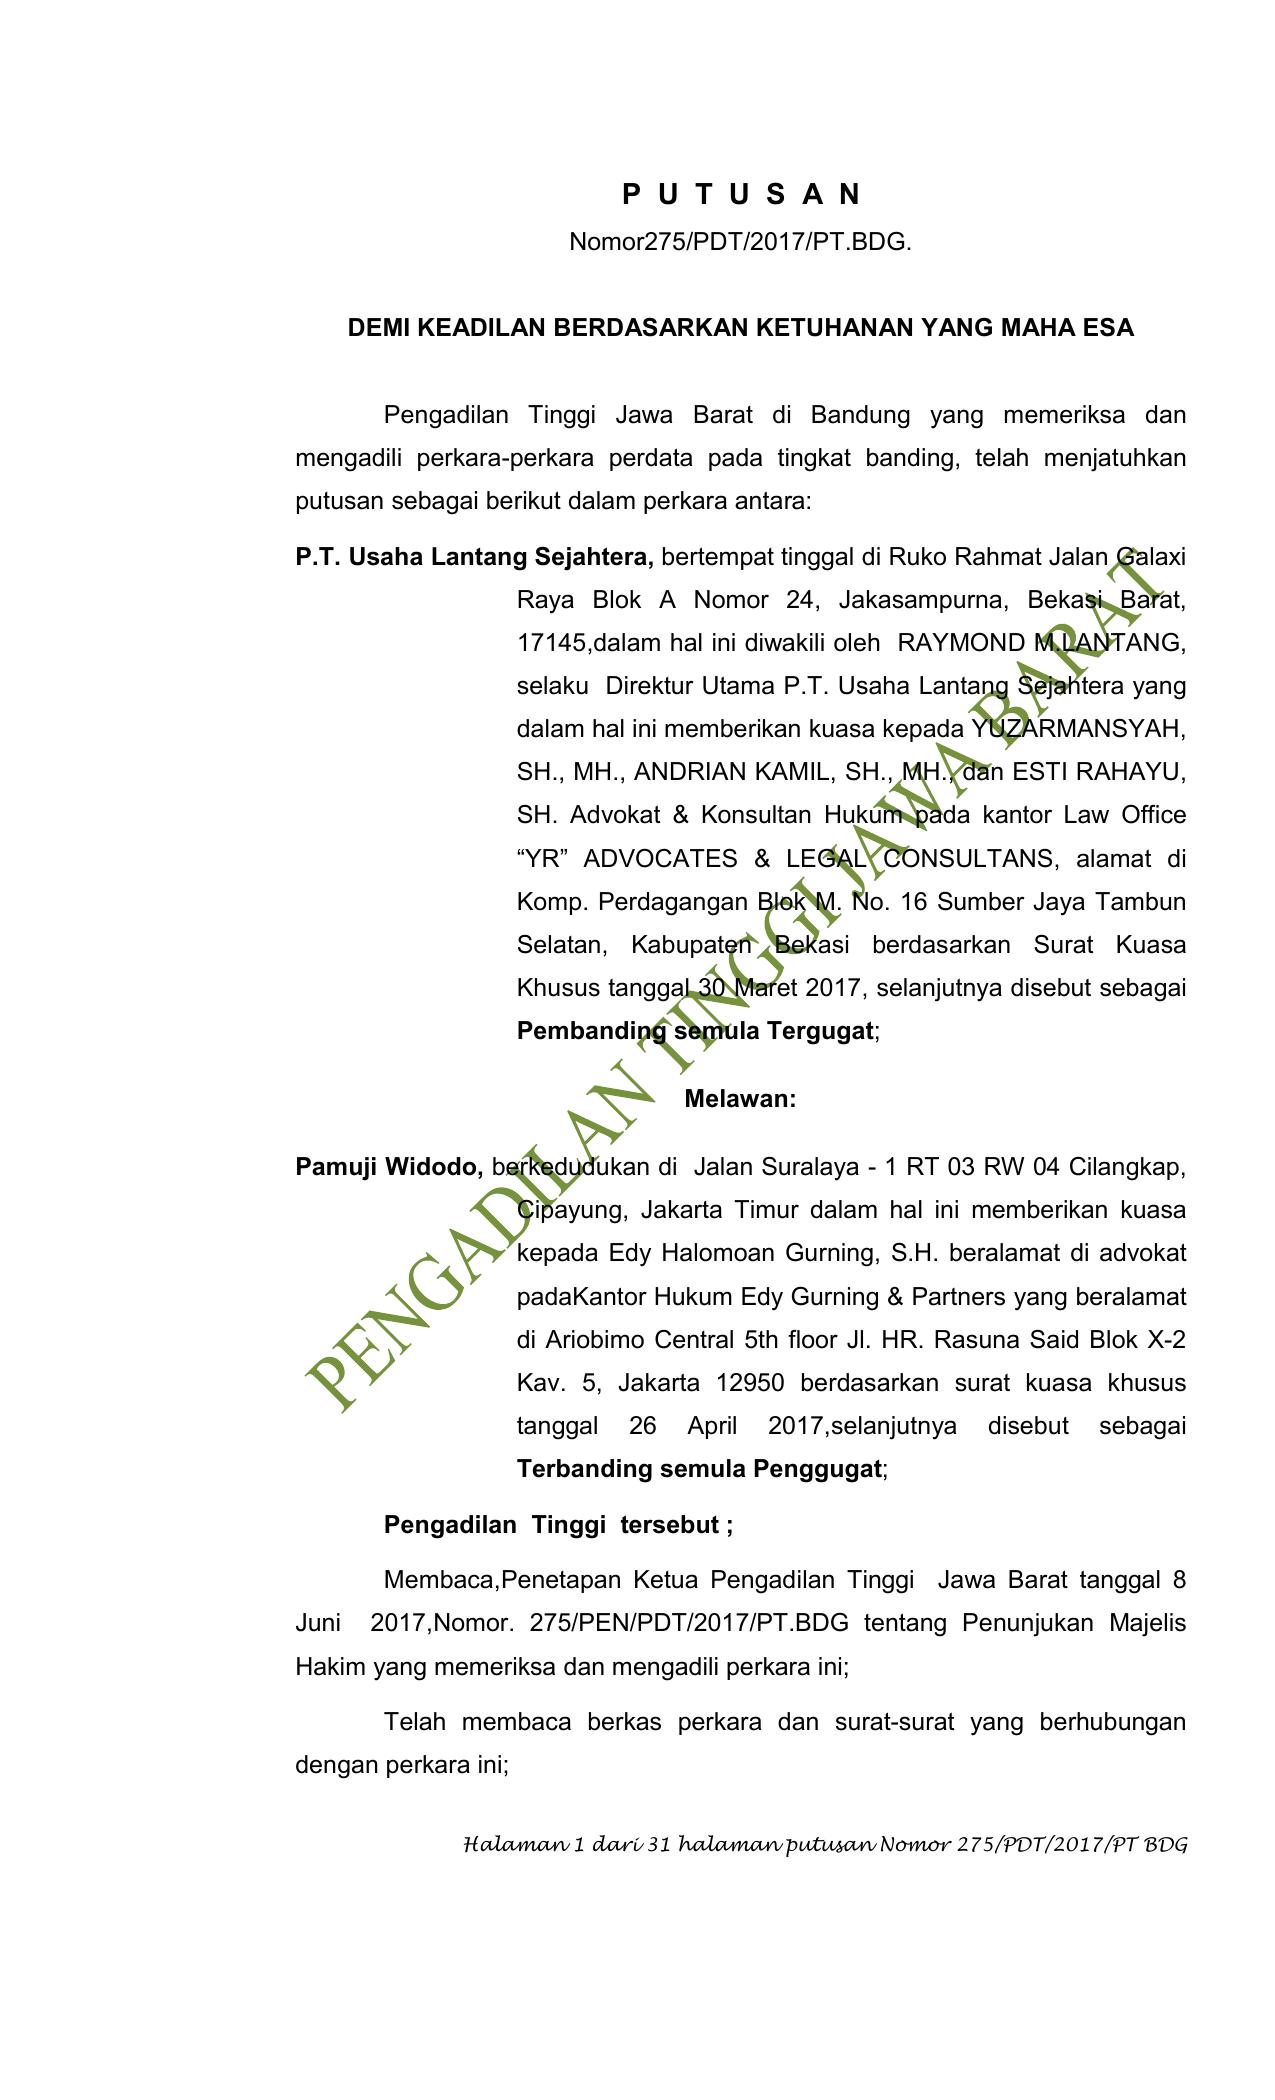 Unduh File Pengadilan Tinggi Bandung